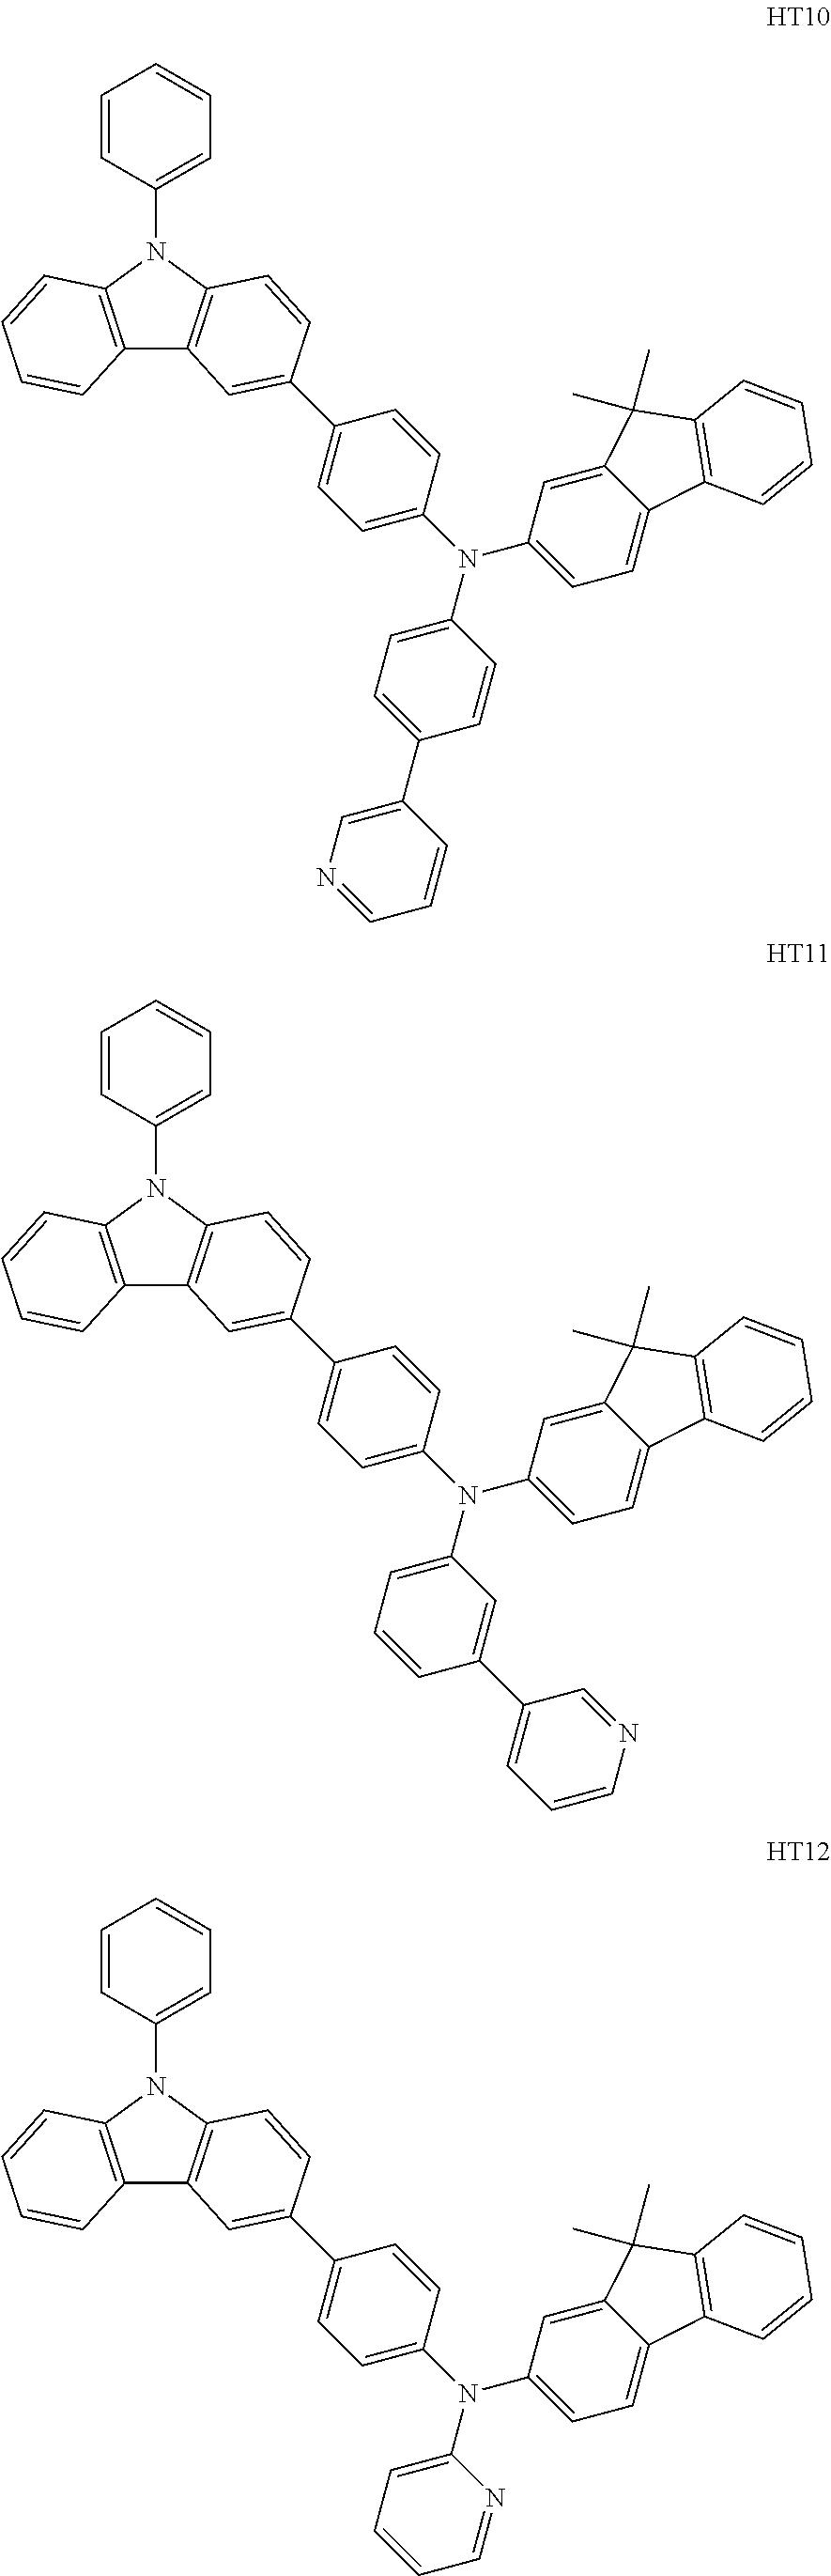 Figure US09722191-20170801-C00037